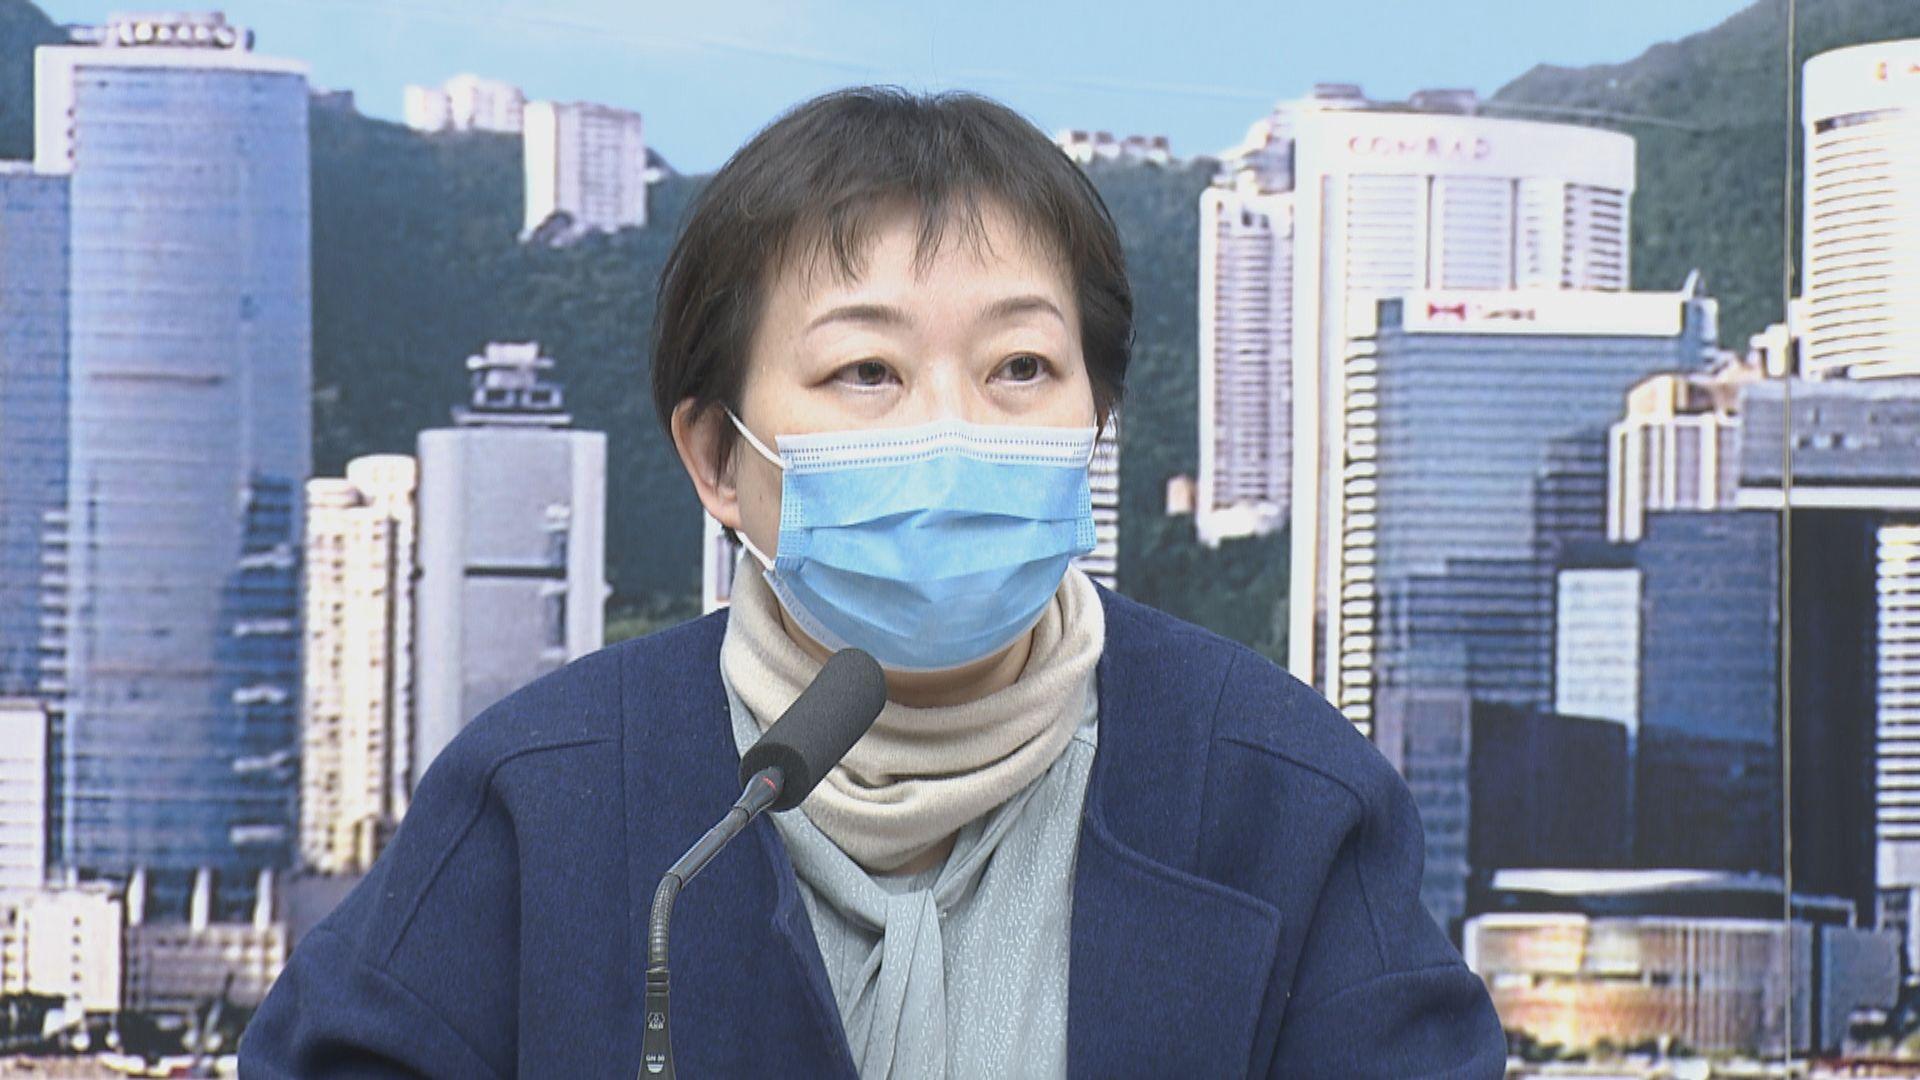 患者上周內地返港後曾求醫 但無發燒未有隔離